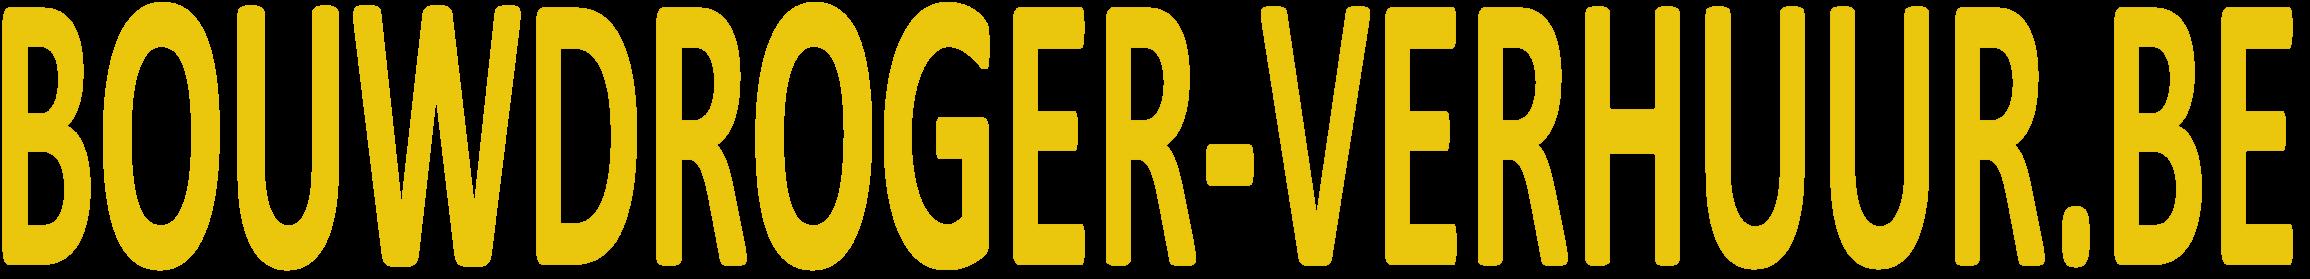 Bouwdroger Verhuur